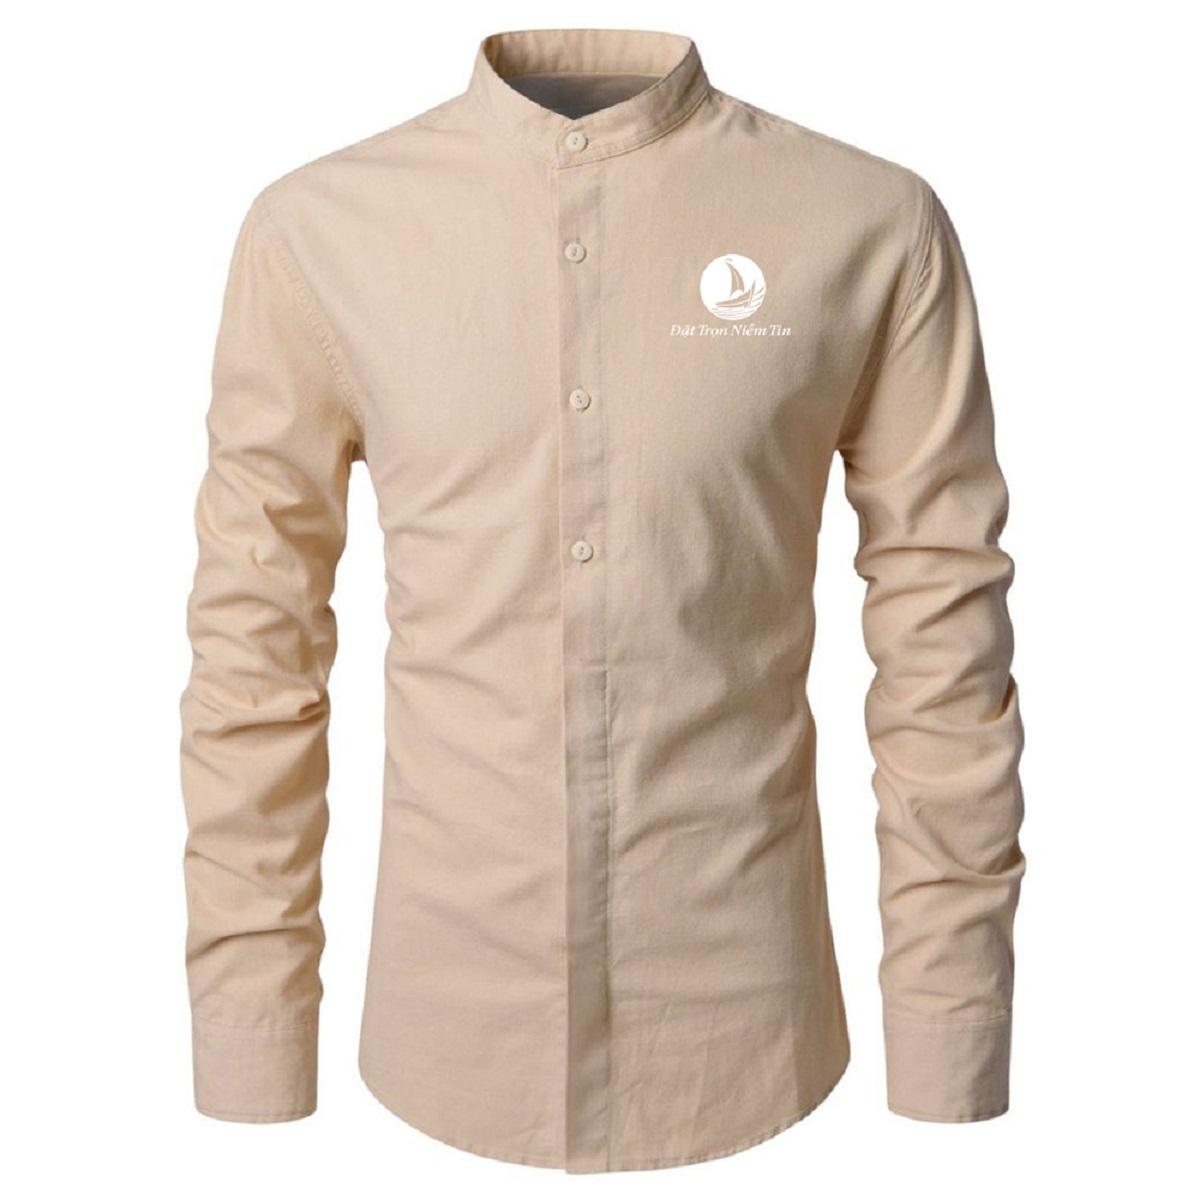 Vải nhập ngoại cao cấp, đứng form áo, dày dạn, hạn chế bị xù lông và phai màu, dặt ủi dễ như: kate bamboo, kate USA …